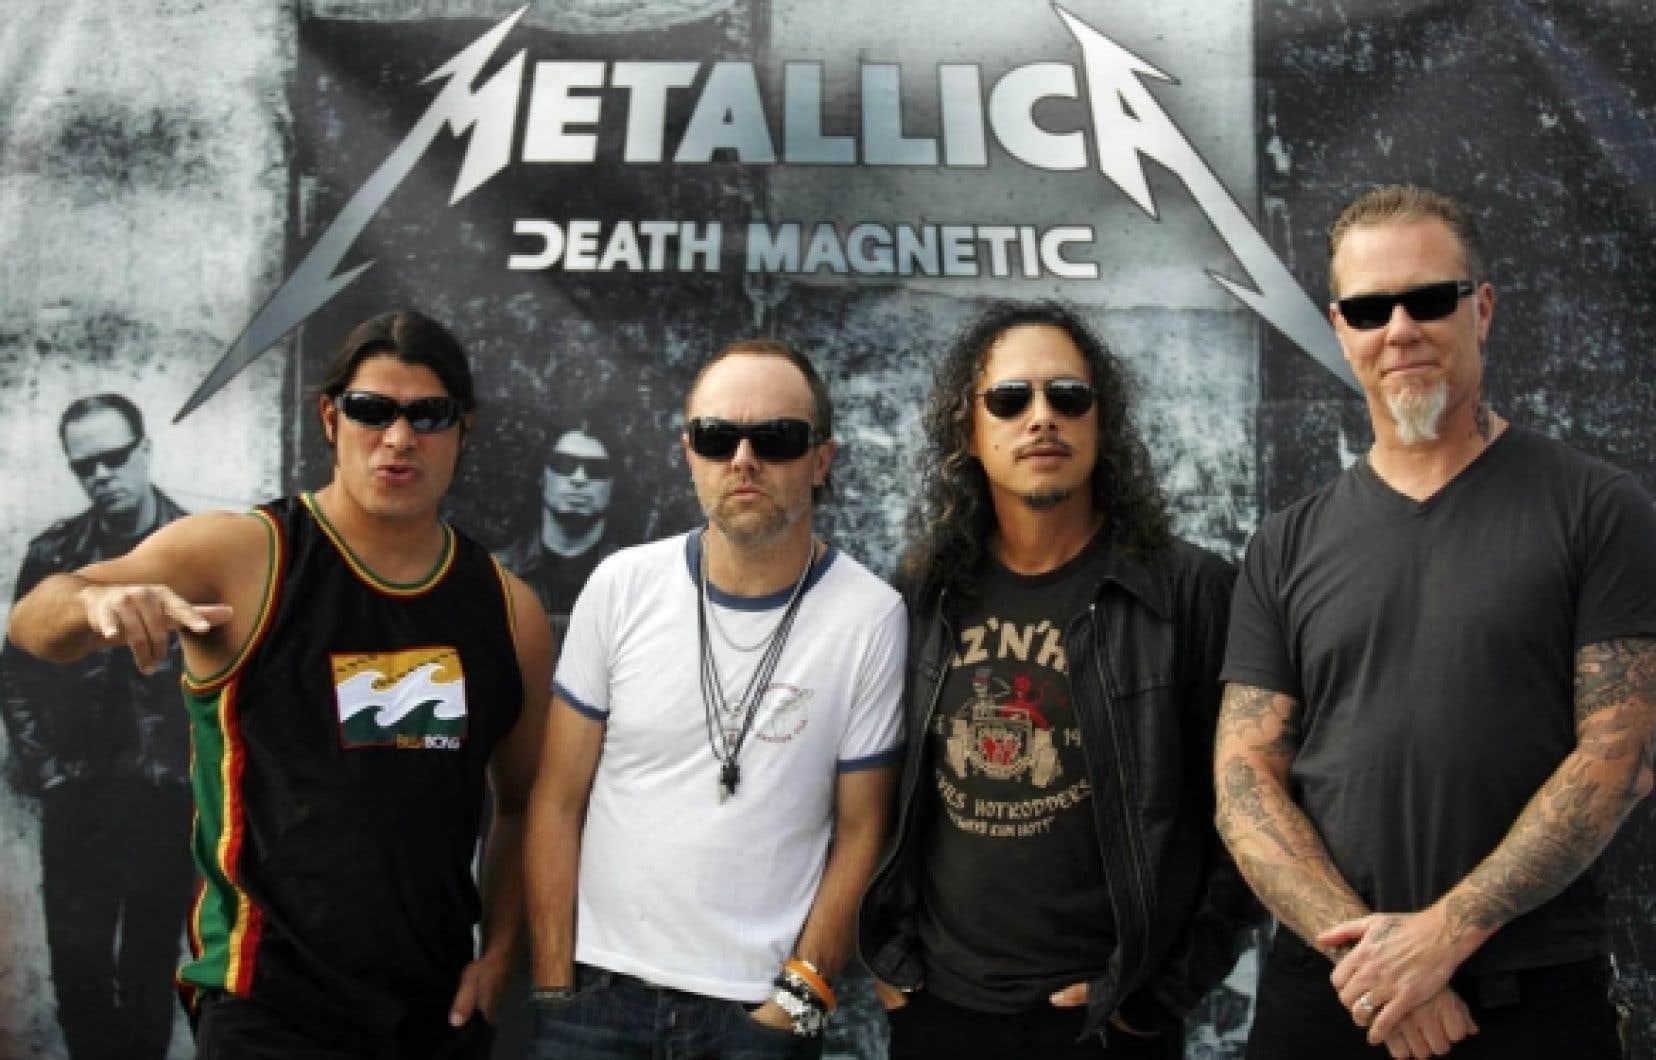 Le catalogue de Warner comprend notamment le groupe Metallica.<br />